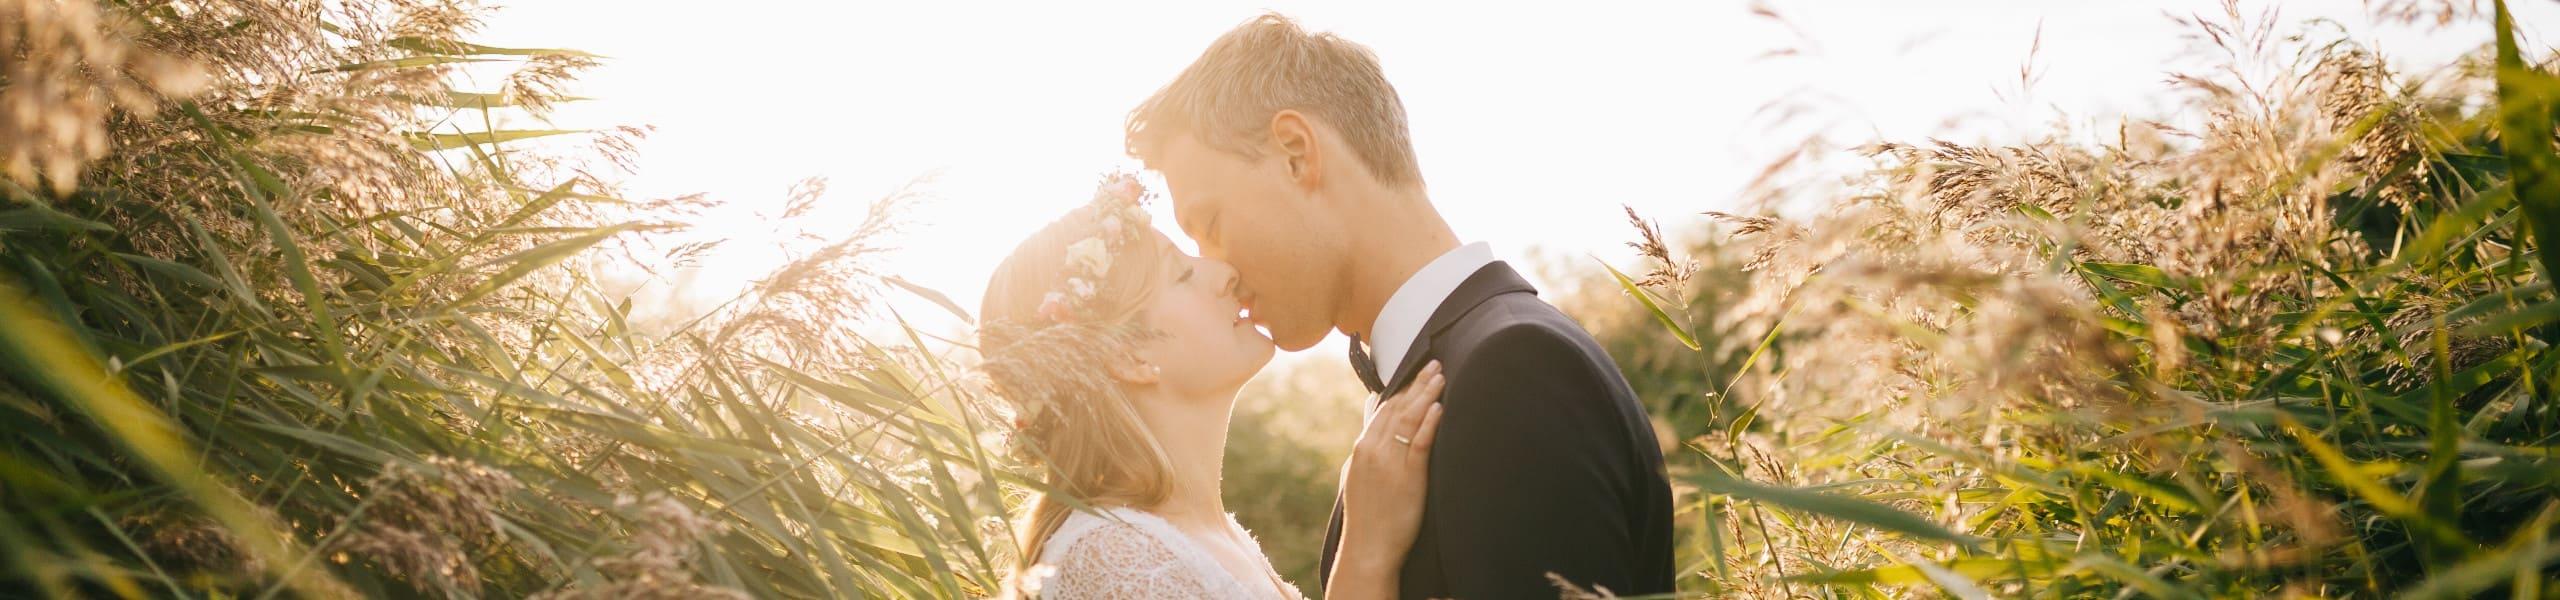 Brautpaar Hochzeit Heiraten